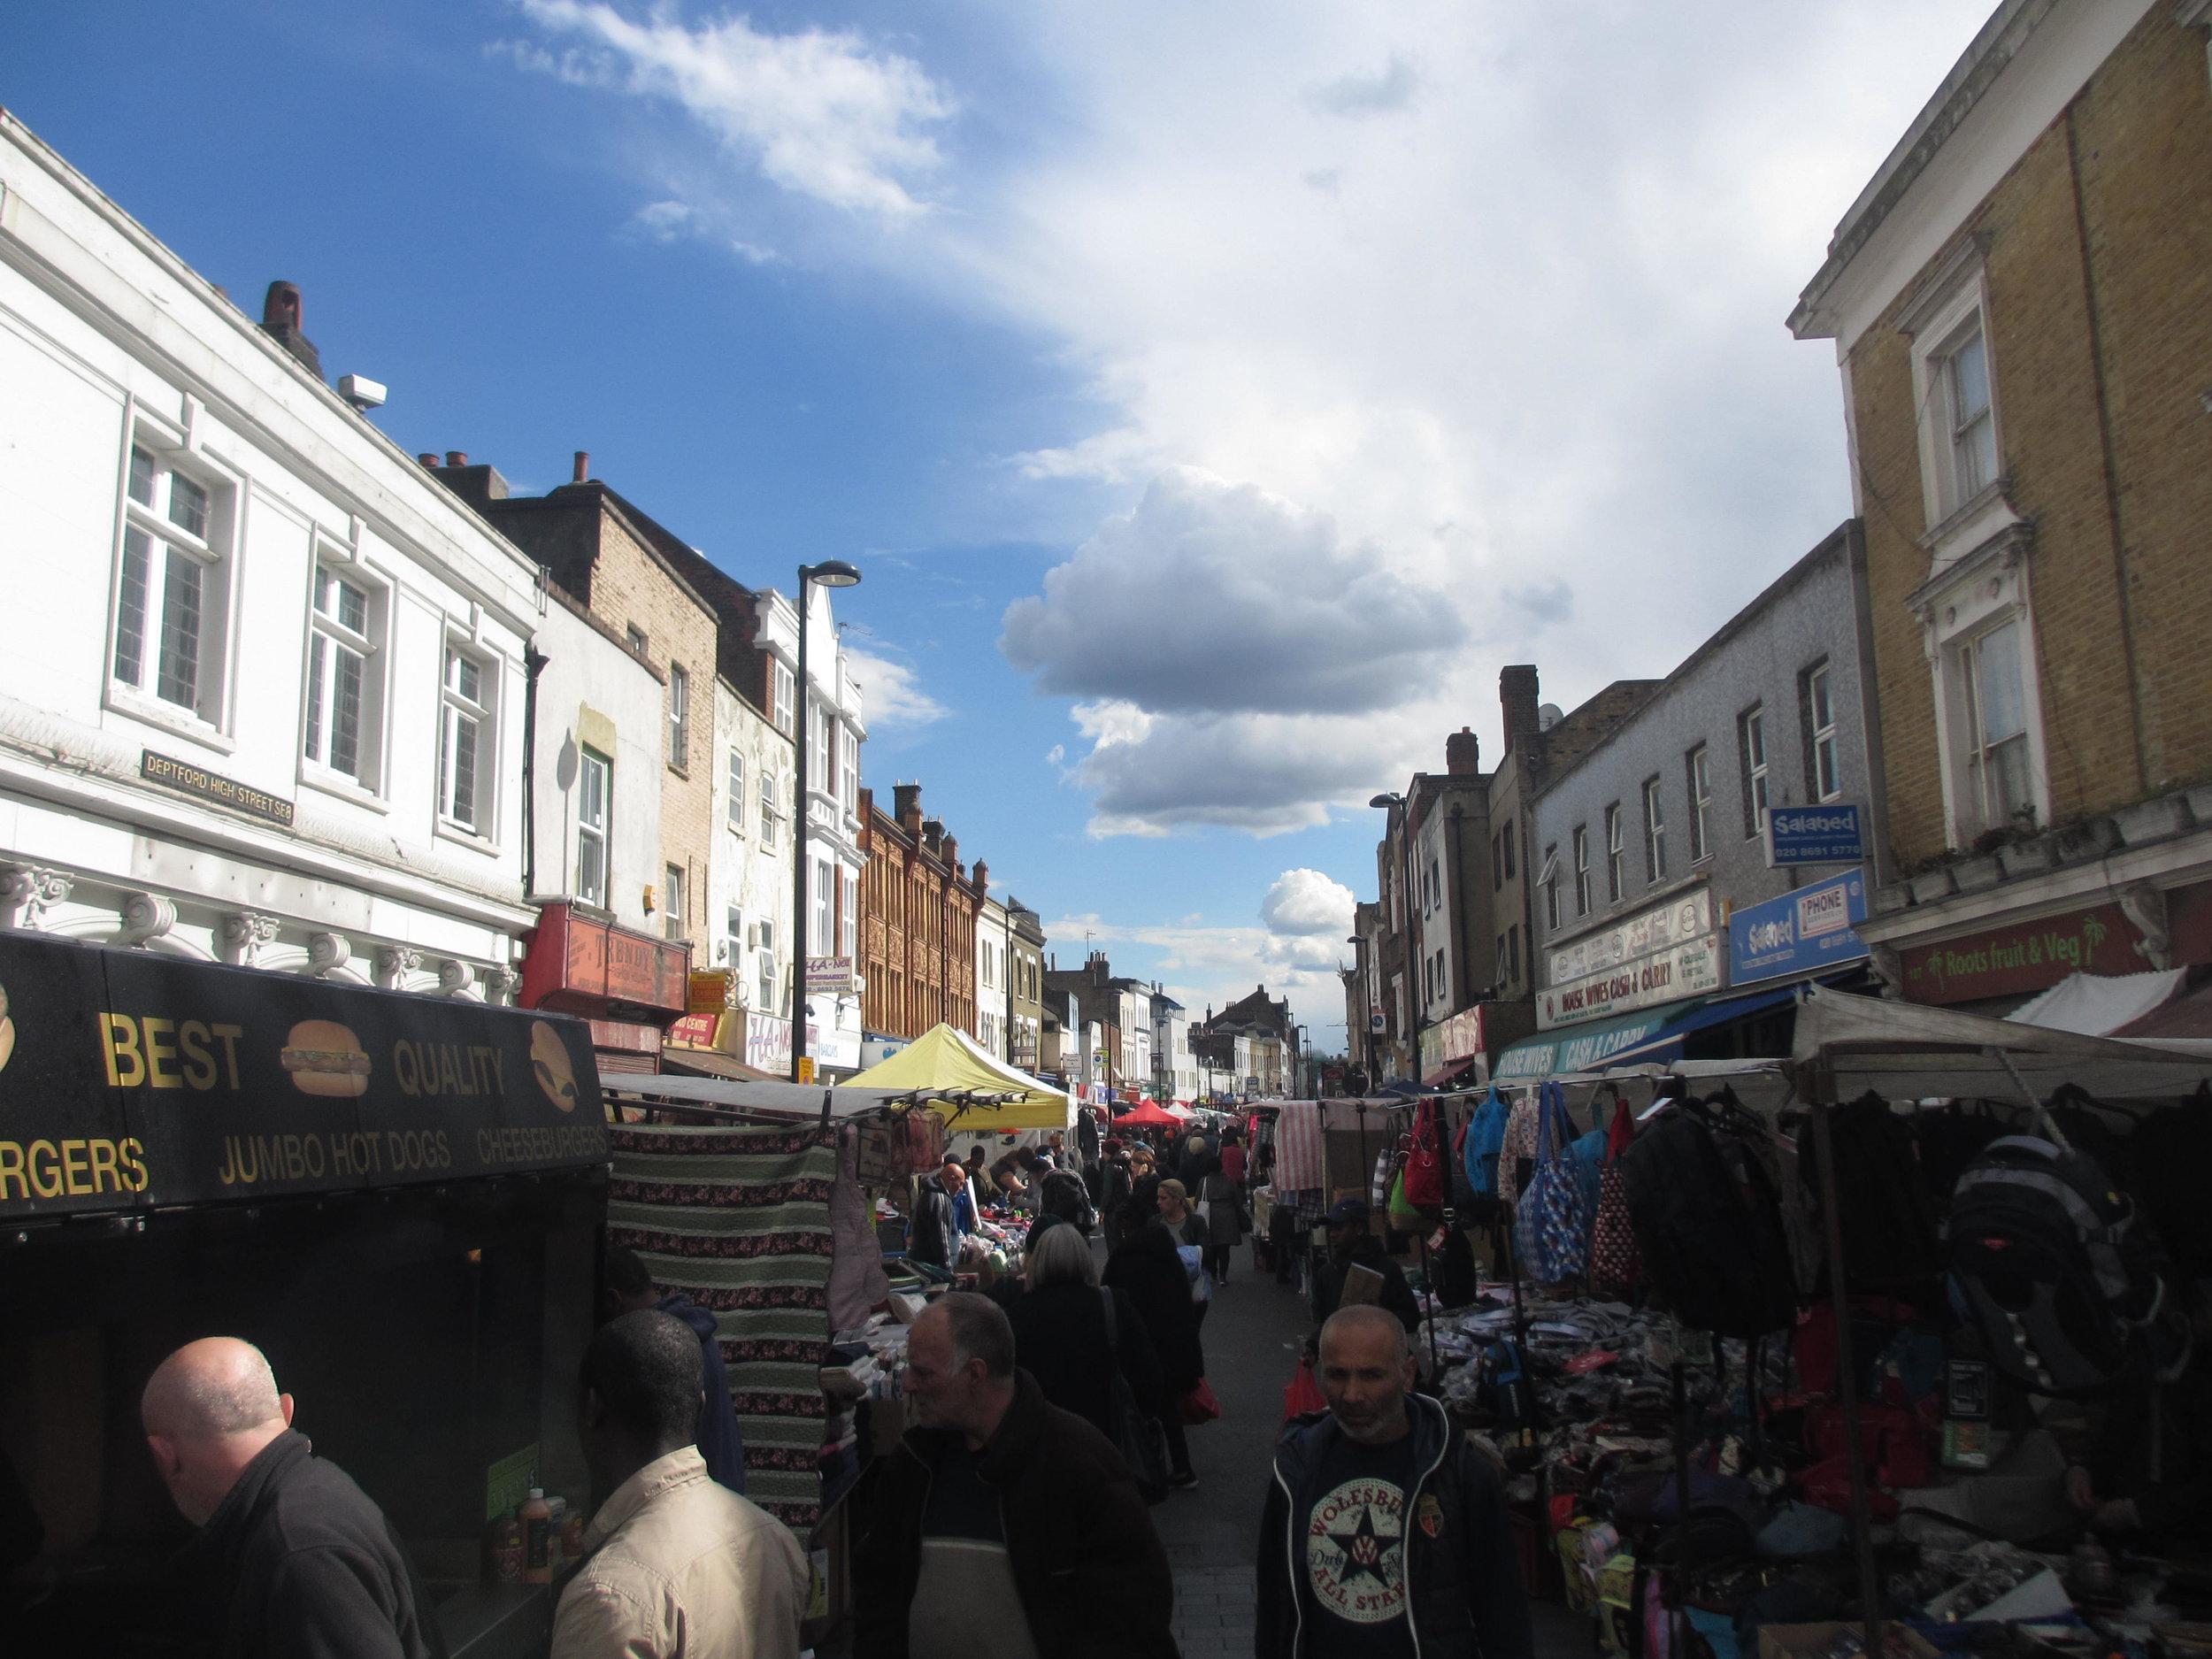 Deptford High Street